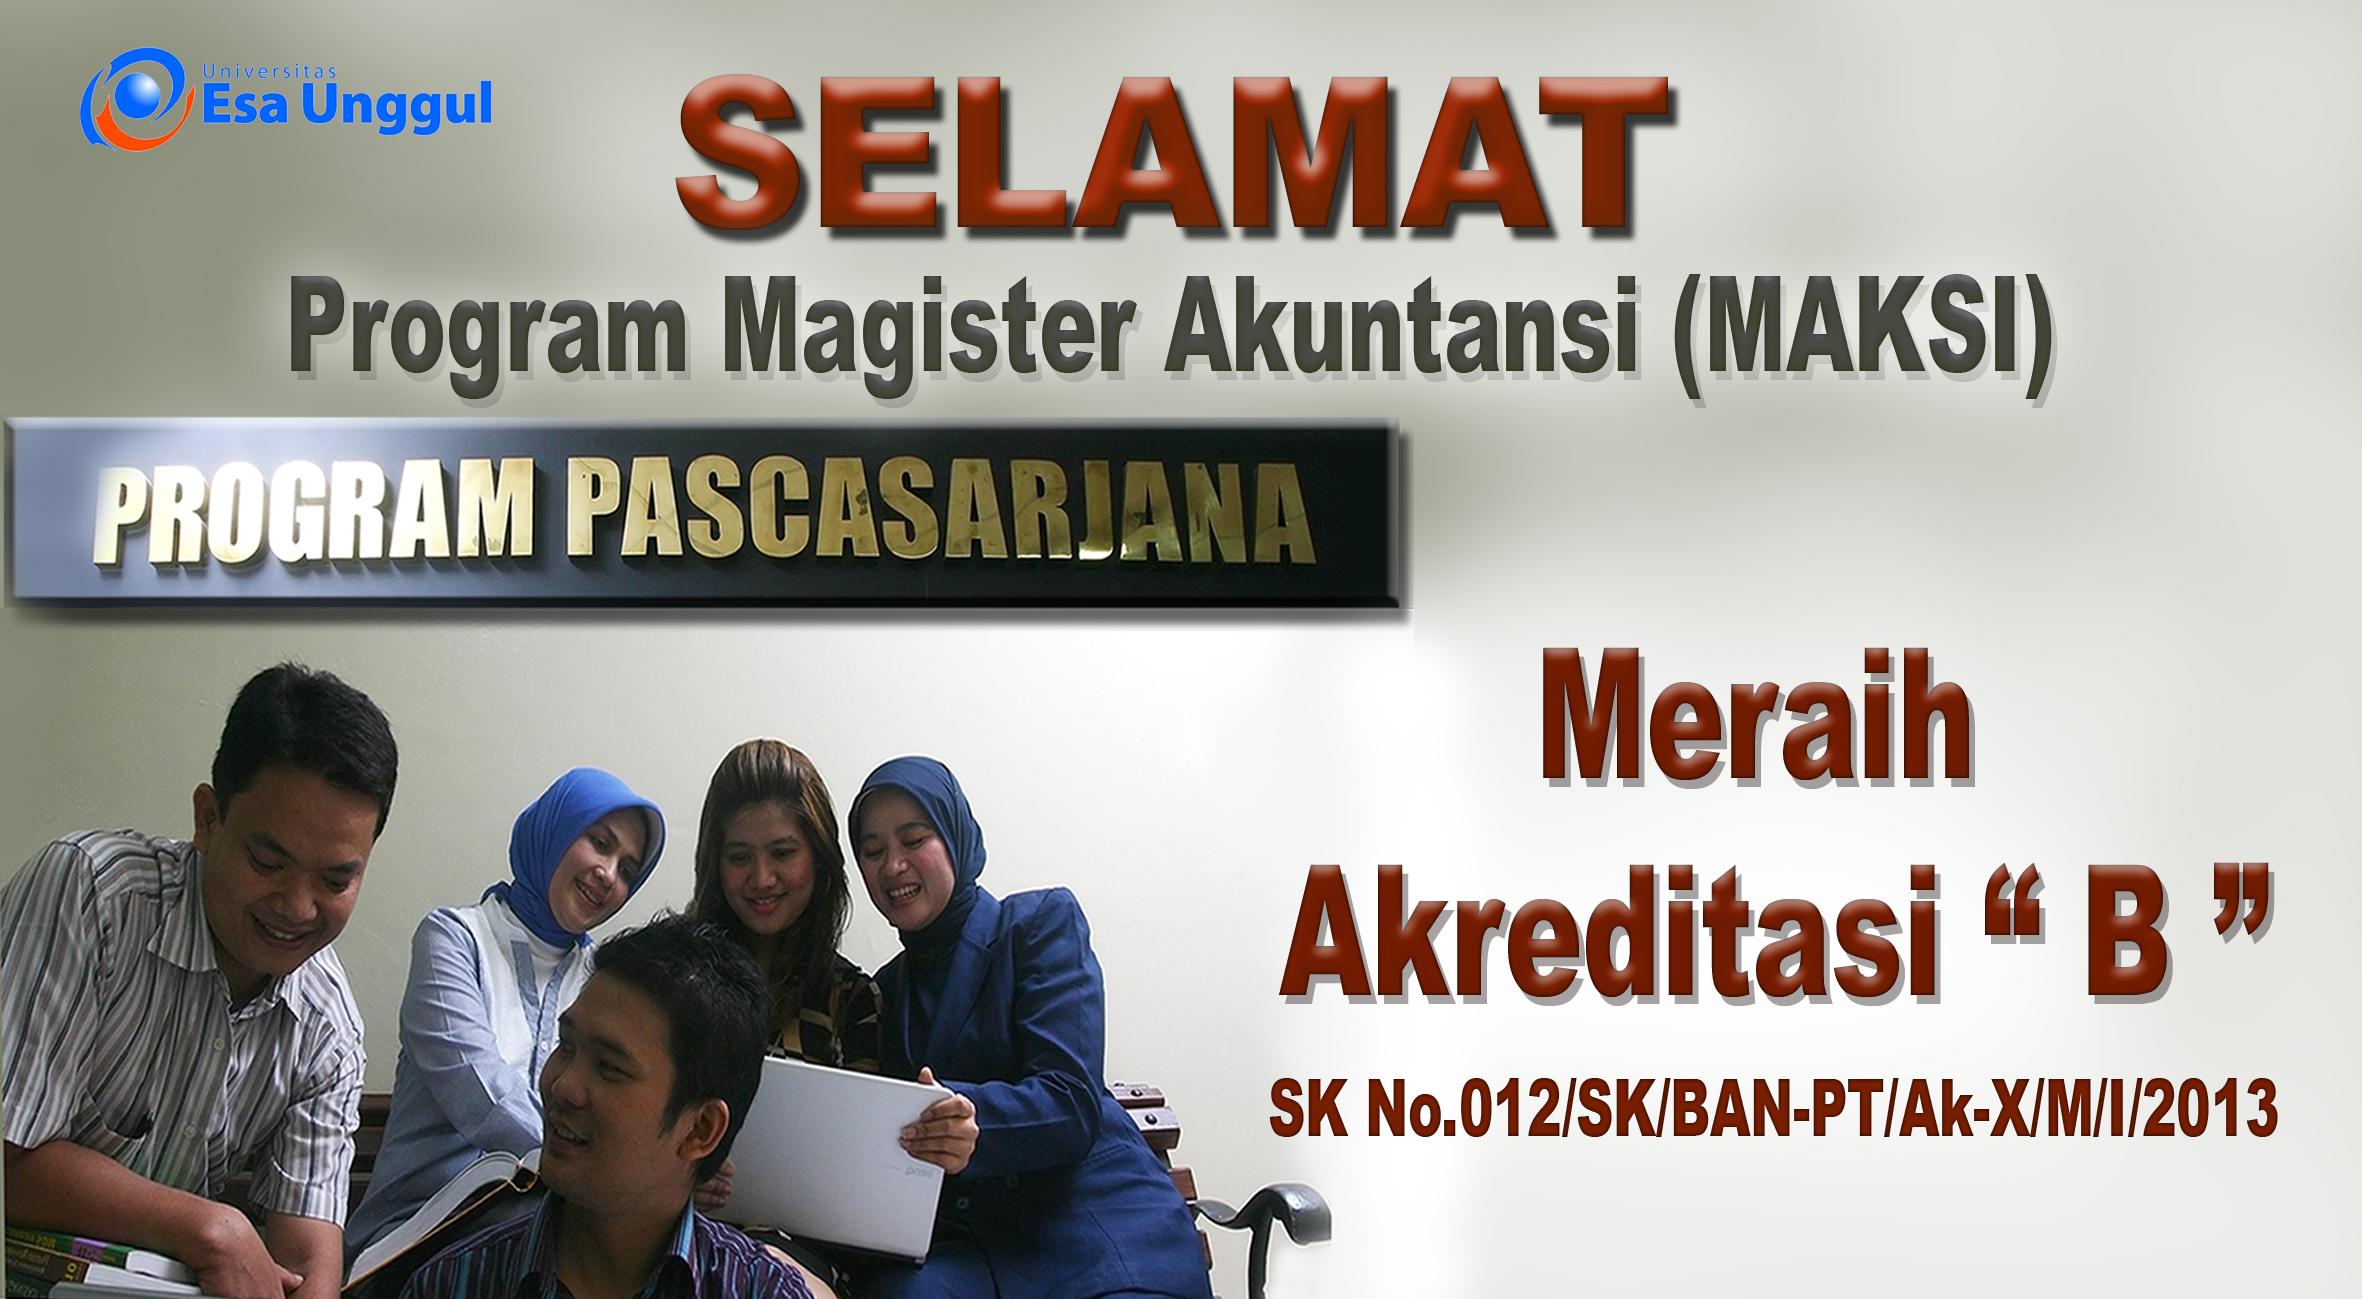 """Program Magister Akuntansi (MAKSI) – Program Pascasarjana Universitas Esa Unggul Telah Meraih Akreditasi """"B"""""""